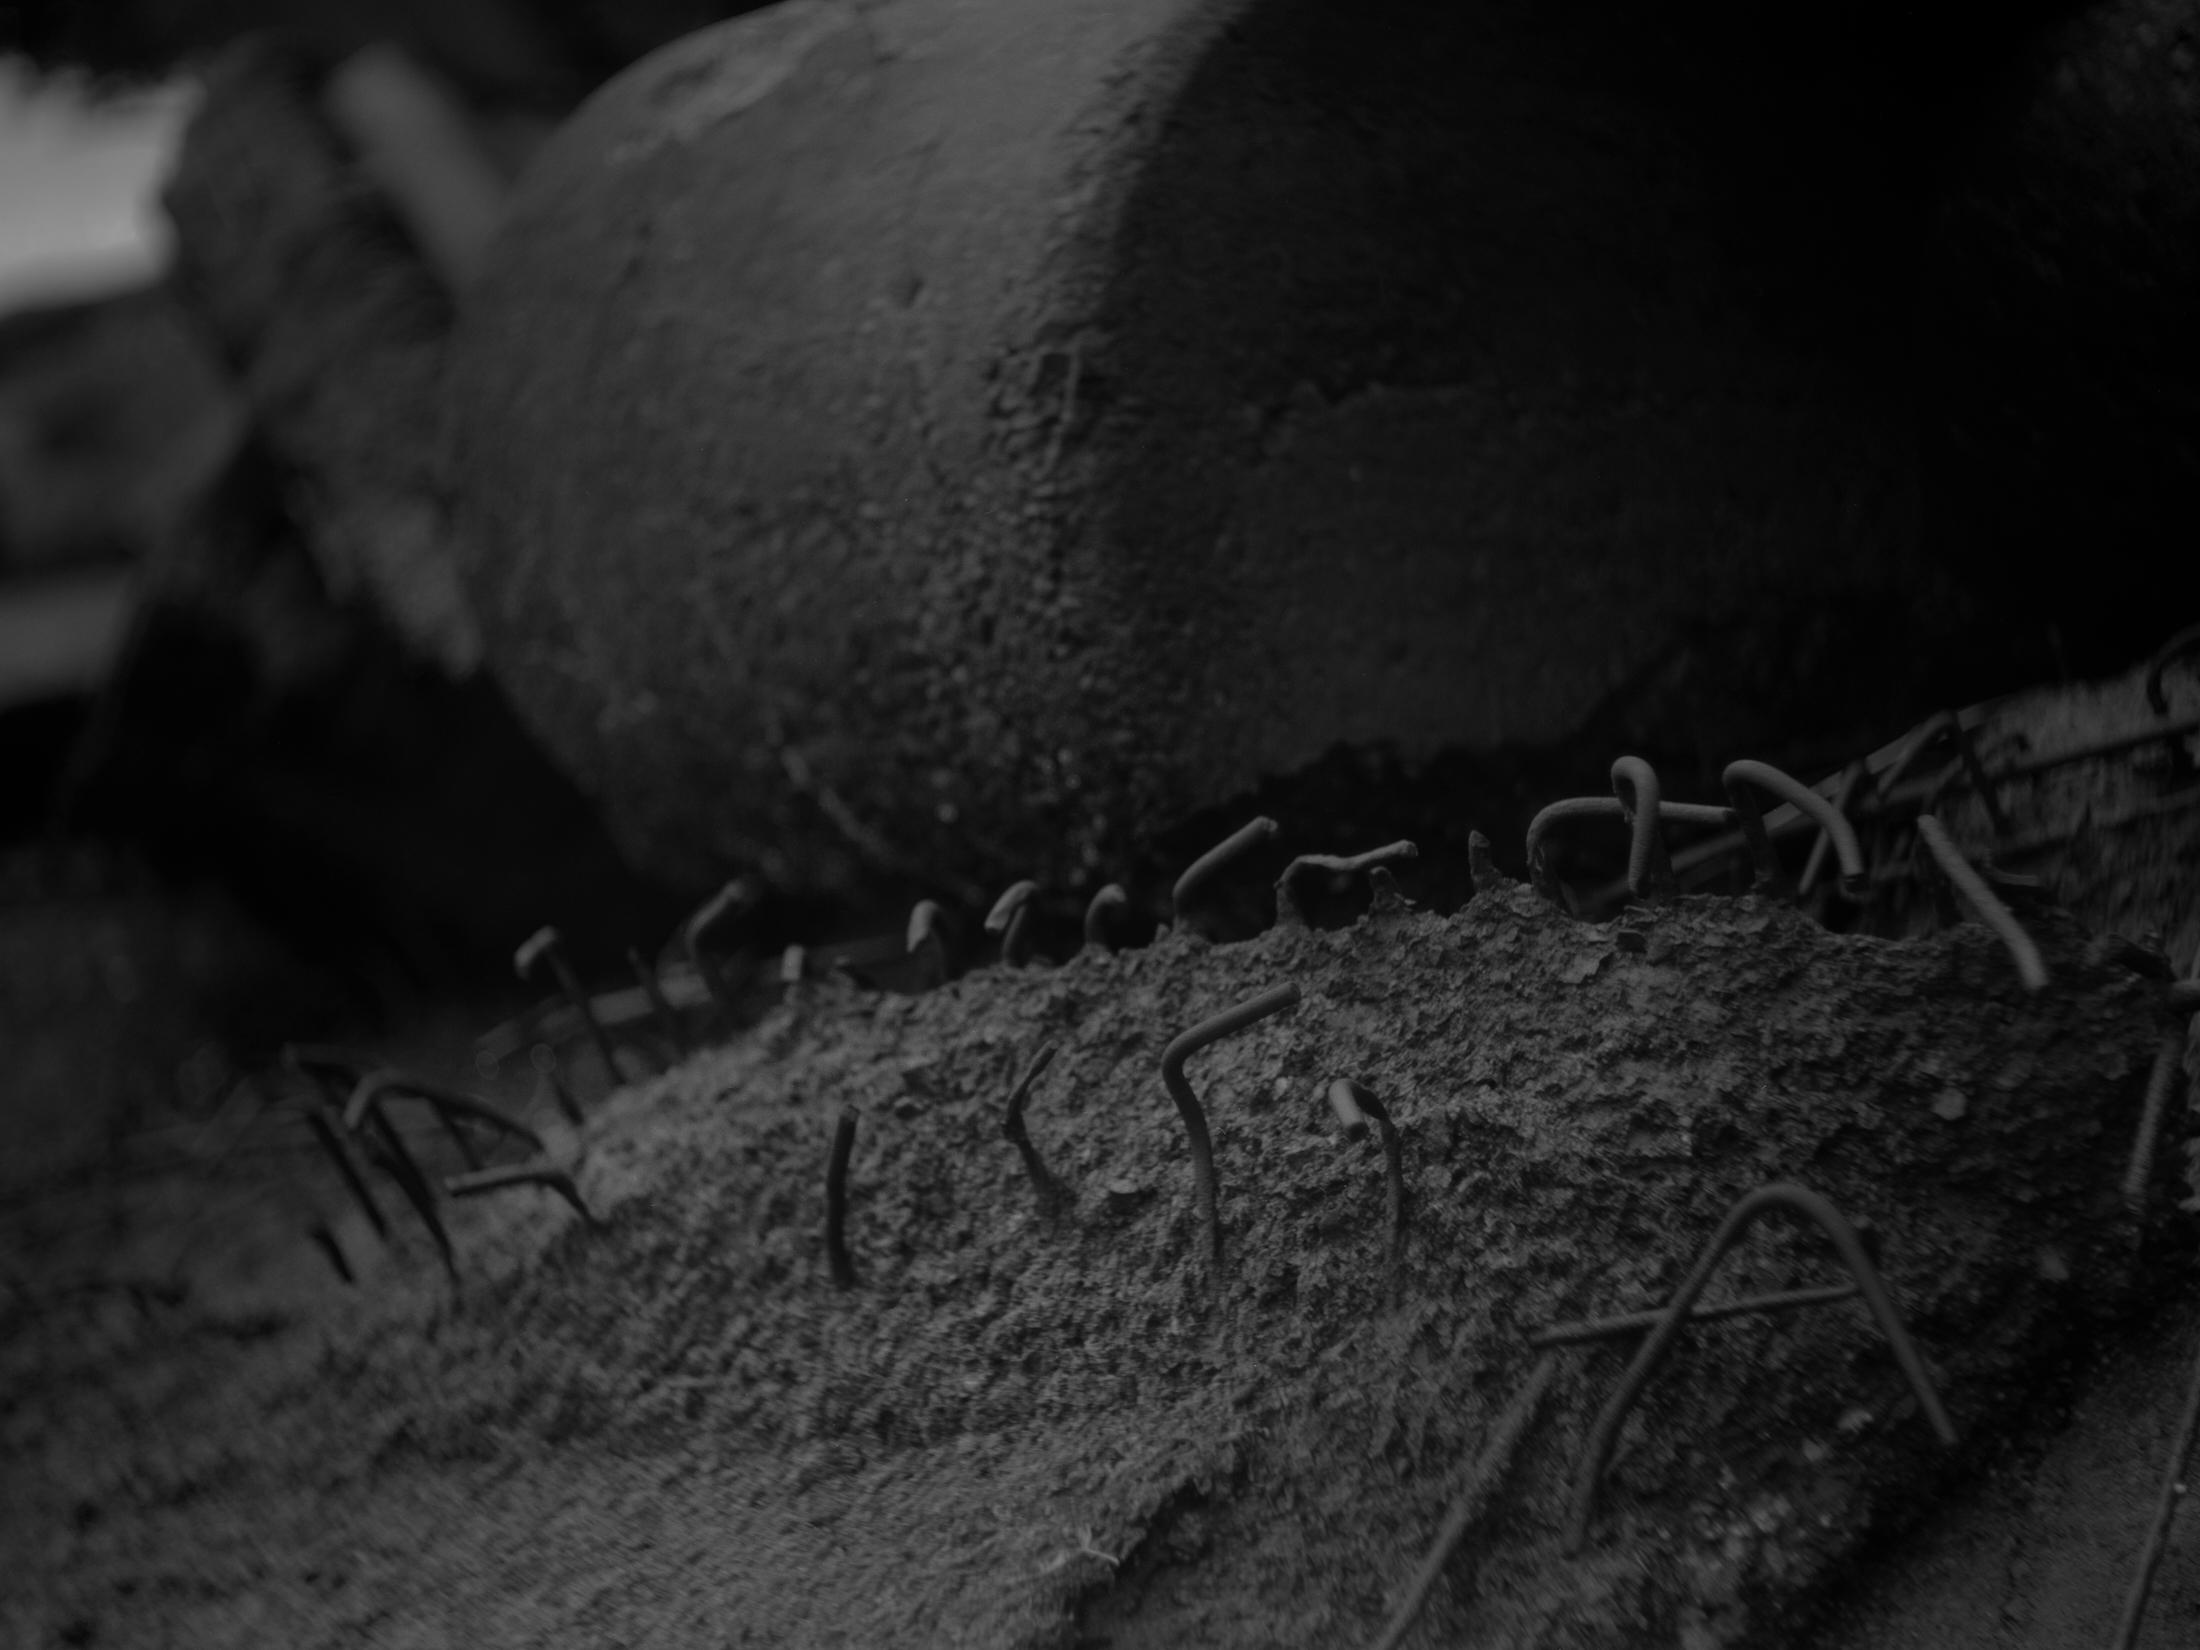 meniscus_bw_21 2.jpg